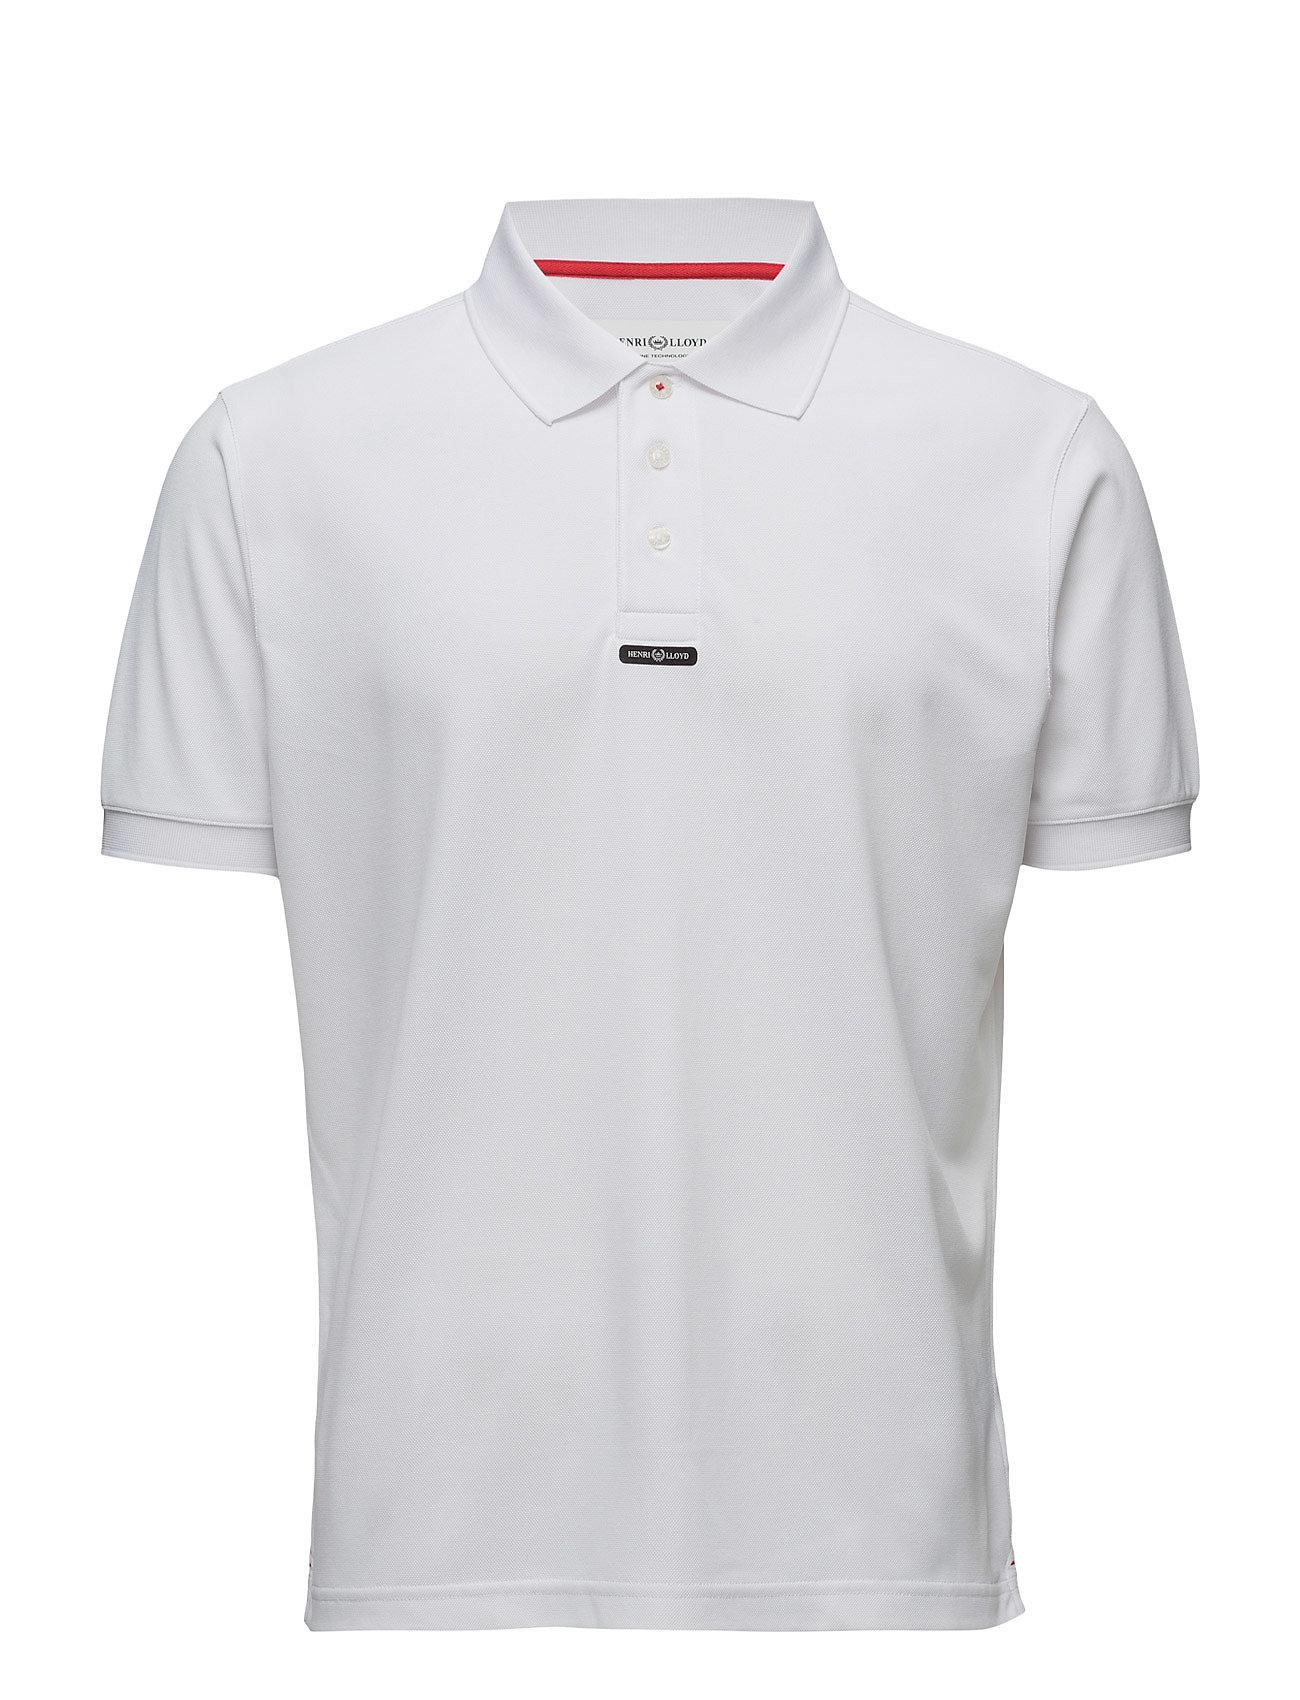 Fast-Dri Silver Polo Plain Henri Lloyd Kortærmede polo t-shirts til Herrer i